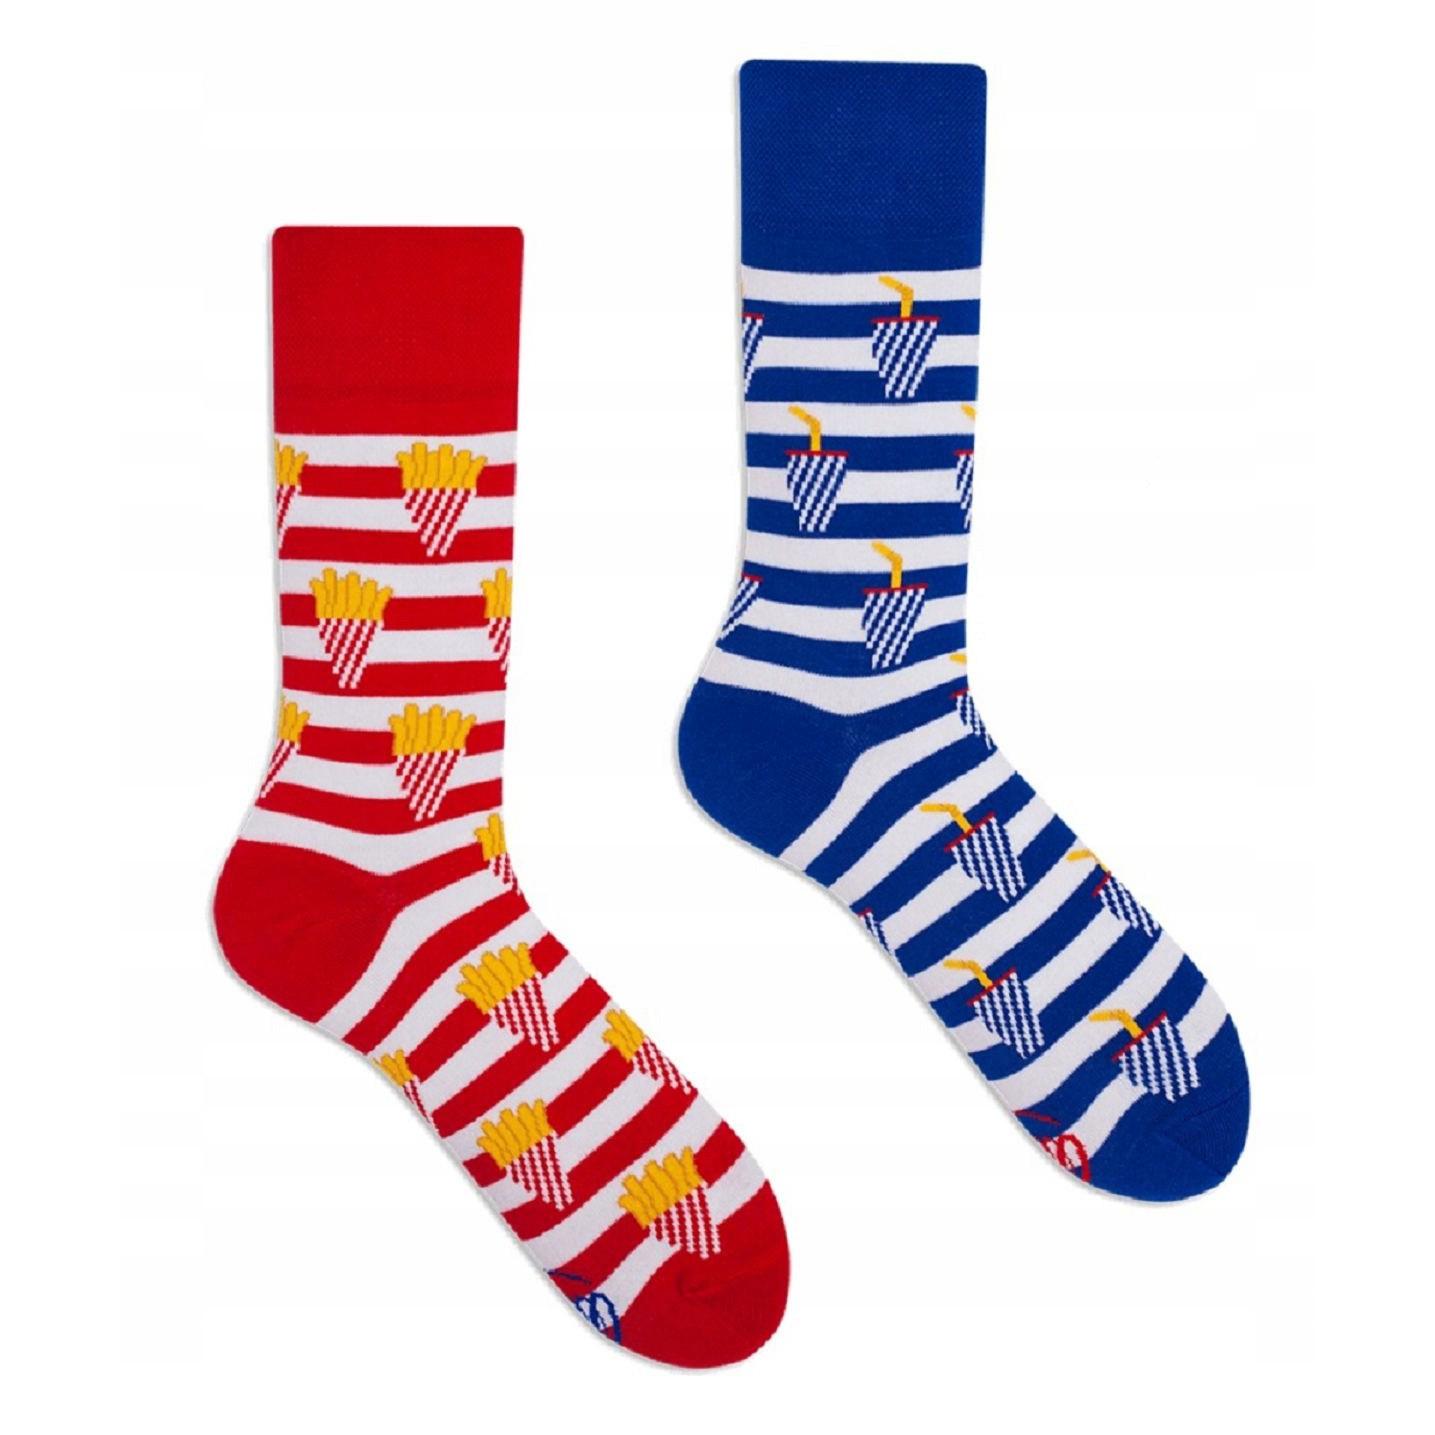 veselé ponožky FRIES AND SODA hranolky sóda 43-46 farebné megamix.sk